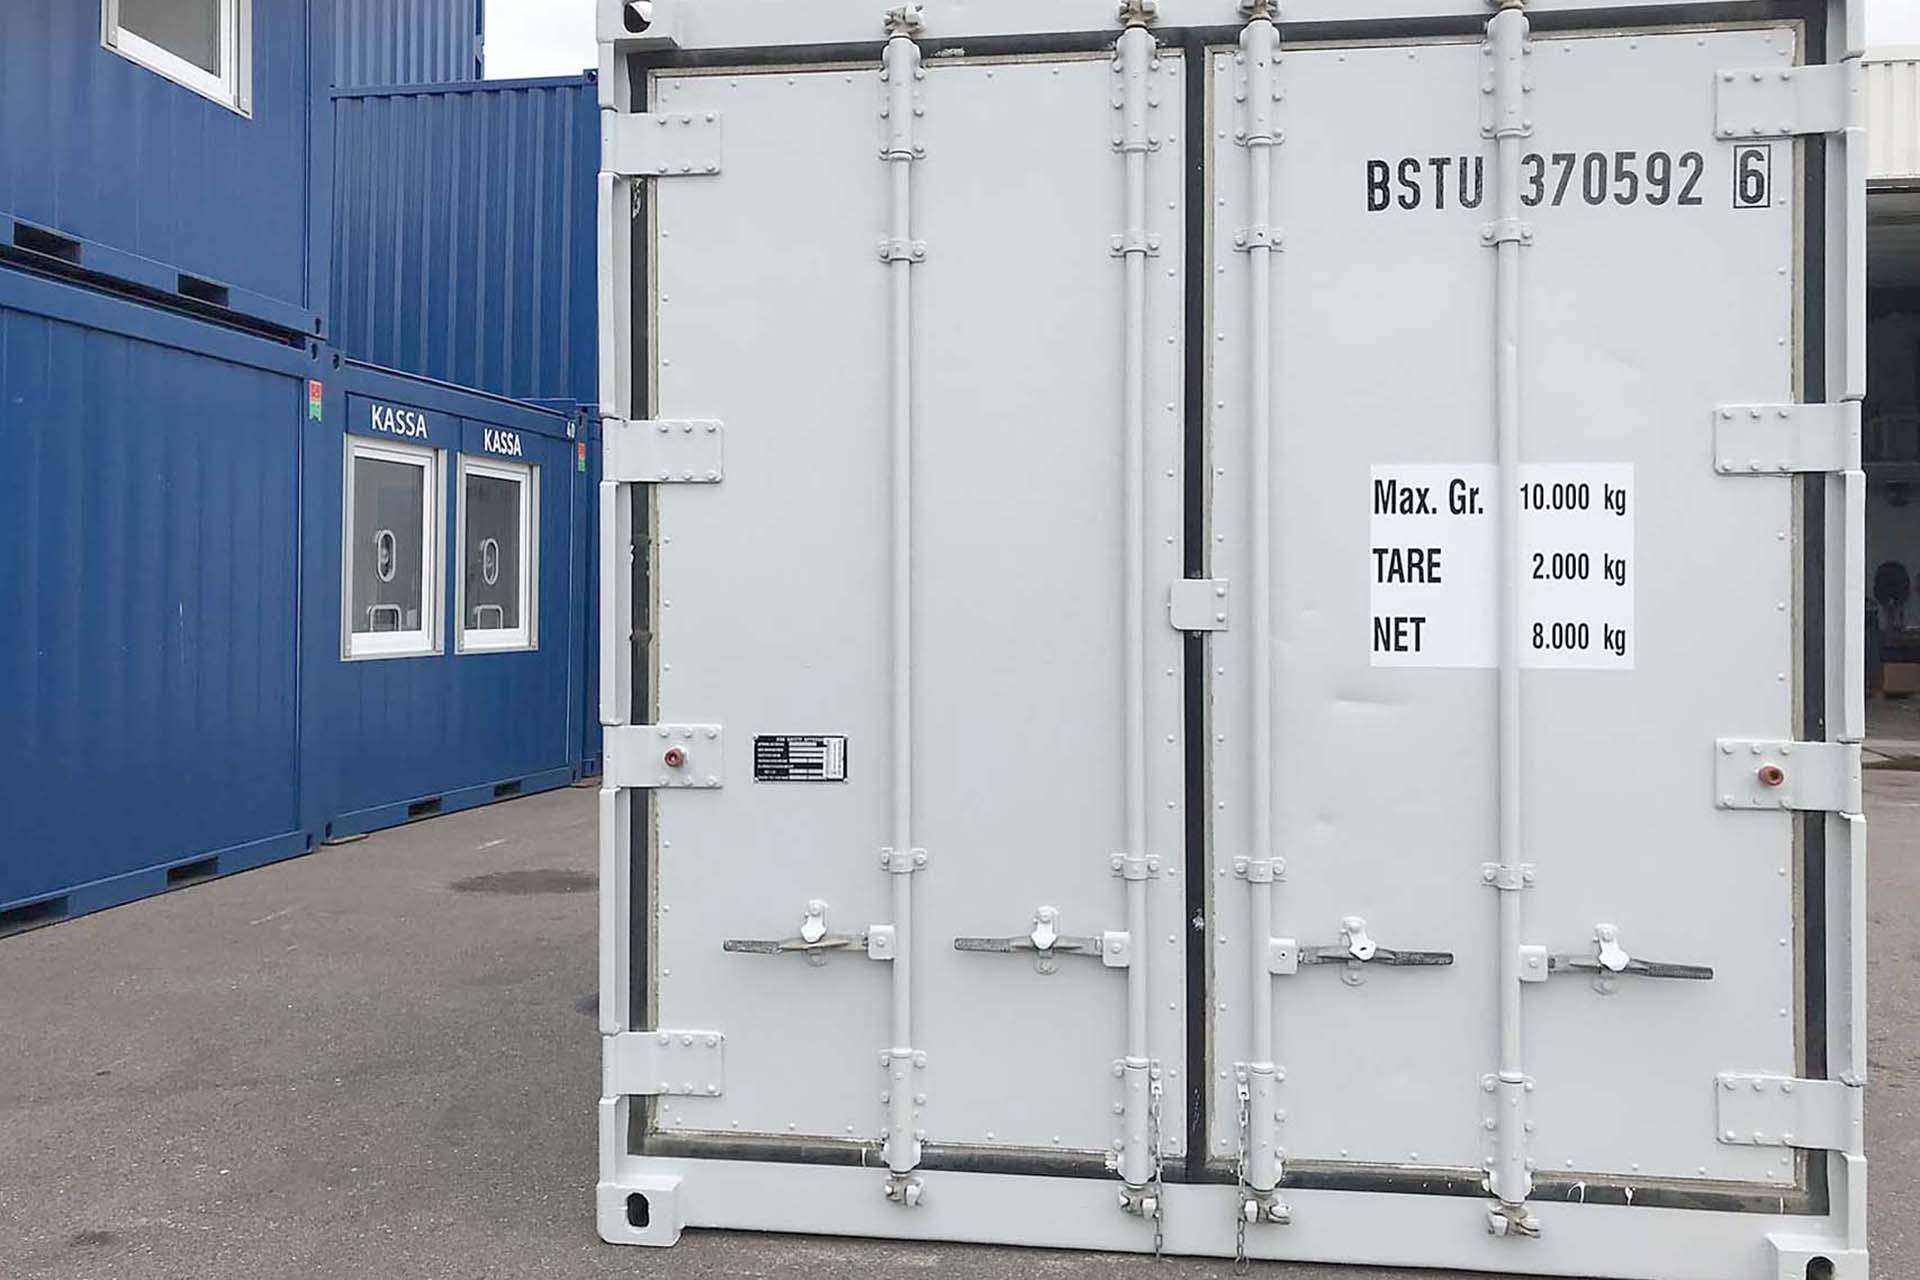 10ft koelcontainer van Carrier front